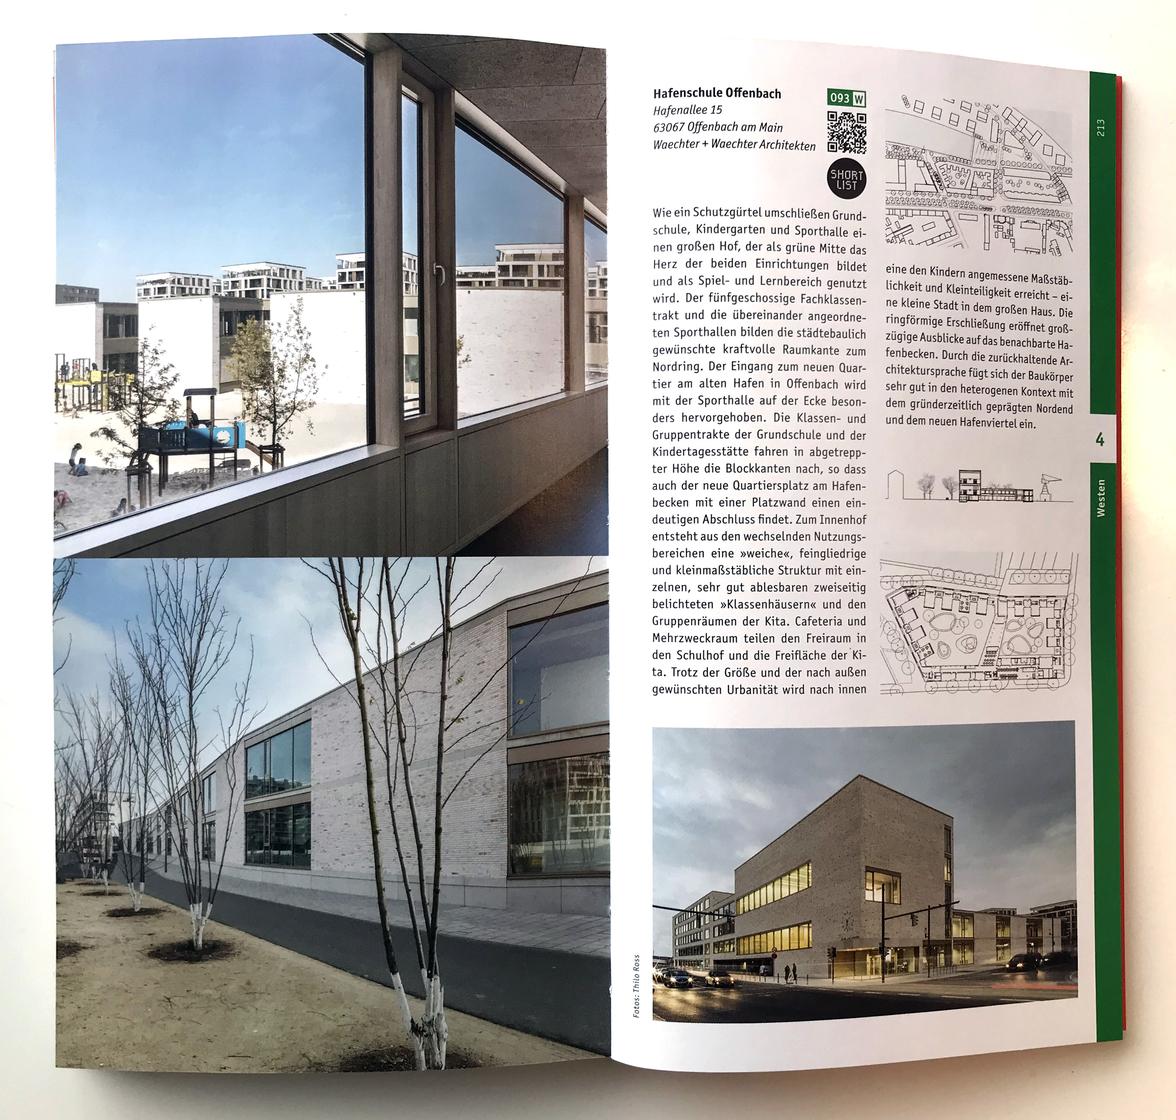 Architekturführer Deutschland 2019 - Hafenschule Offenbach